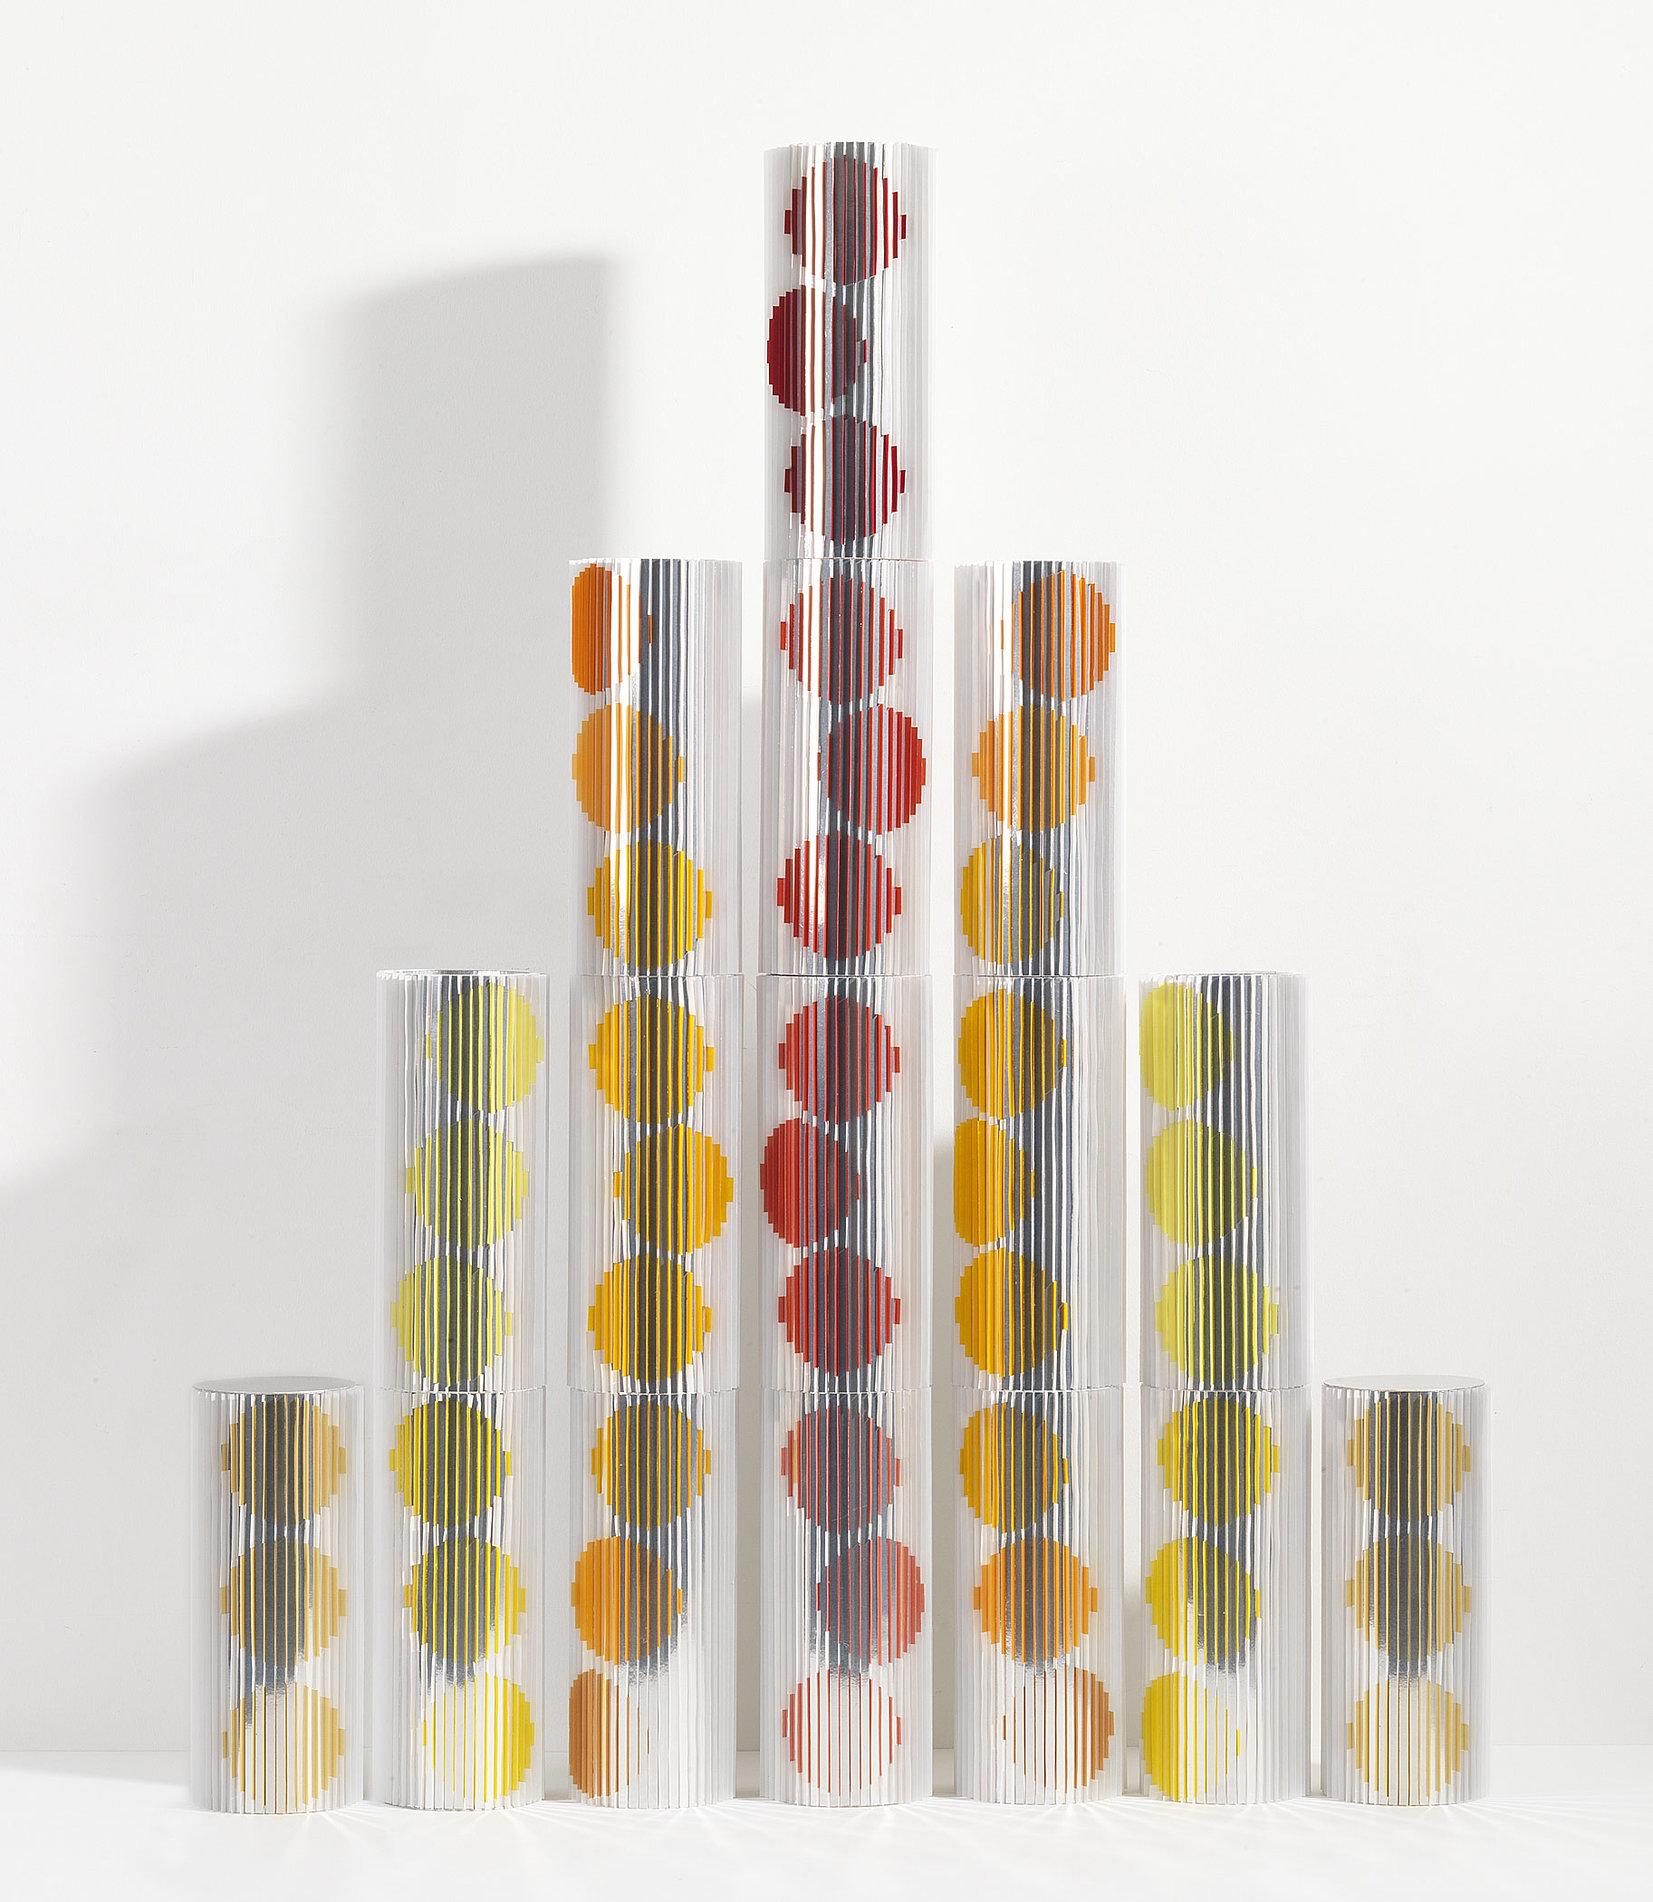 Francoise-LUCIANI-16-tubes-haut-90cm.jpg